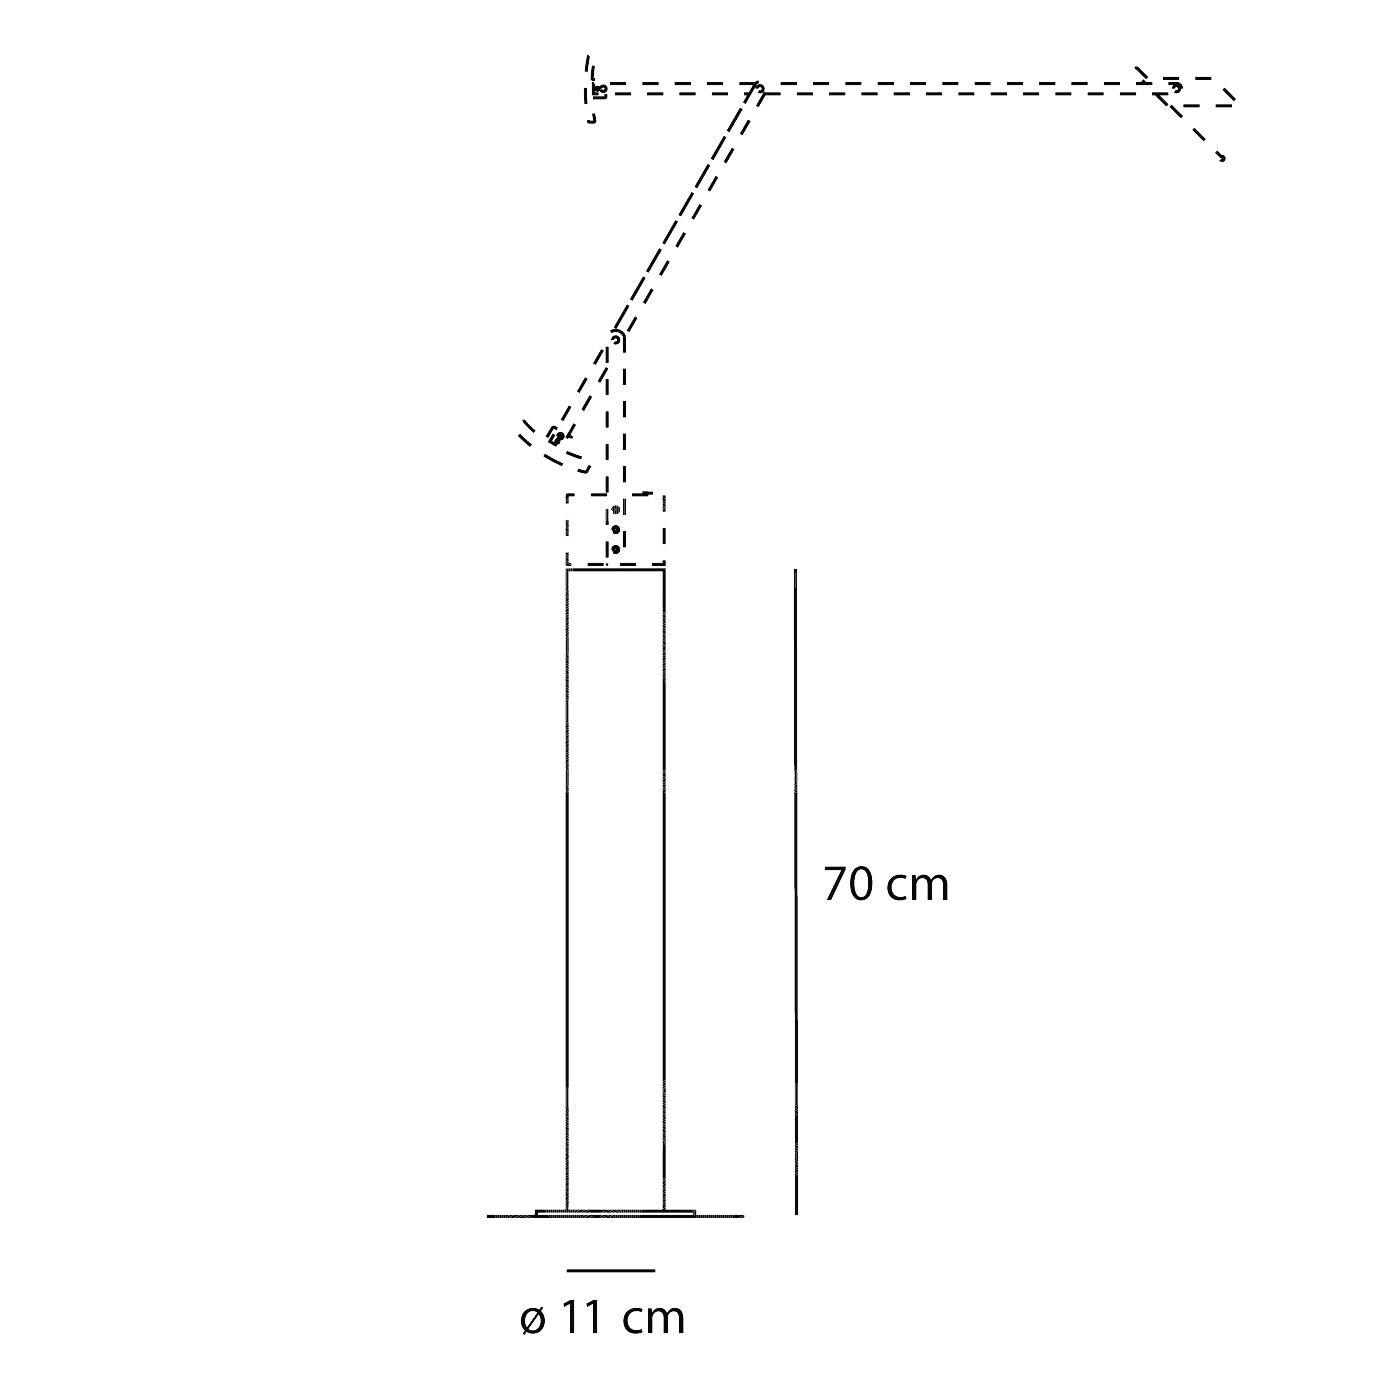 Artemide Supporto da terra per Tizio e Tizio LED - design Richard Sapper